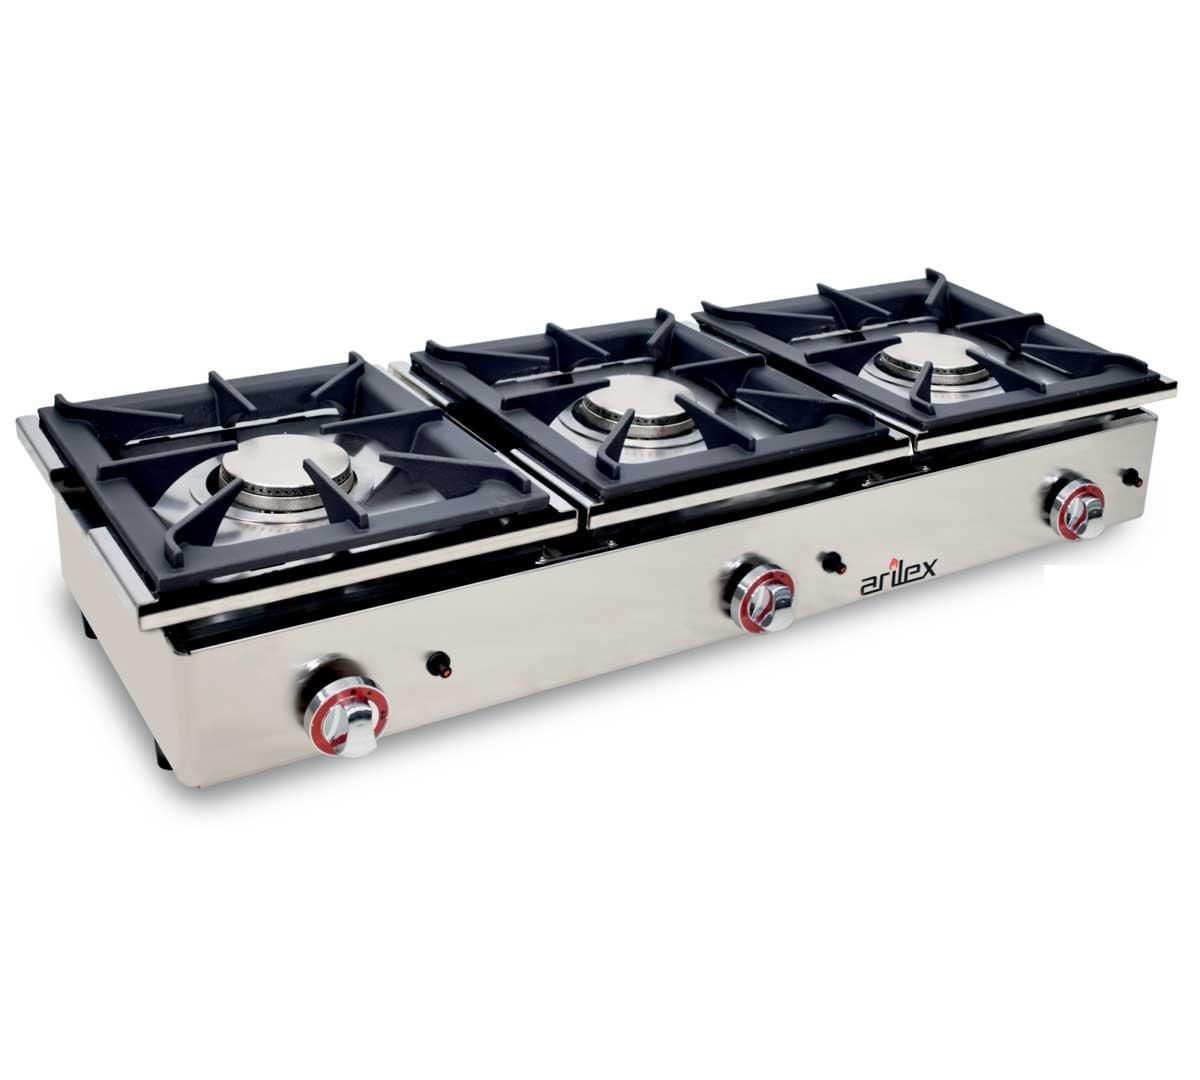 Hermoso cocina gas butano carrefour galer a de im genes - Cocinas de gas butano carrefour ...